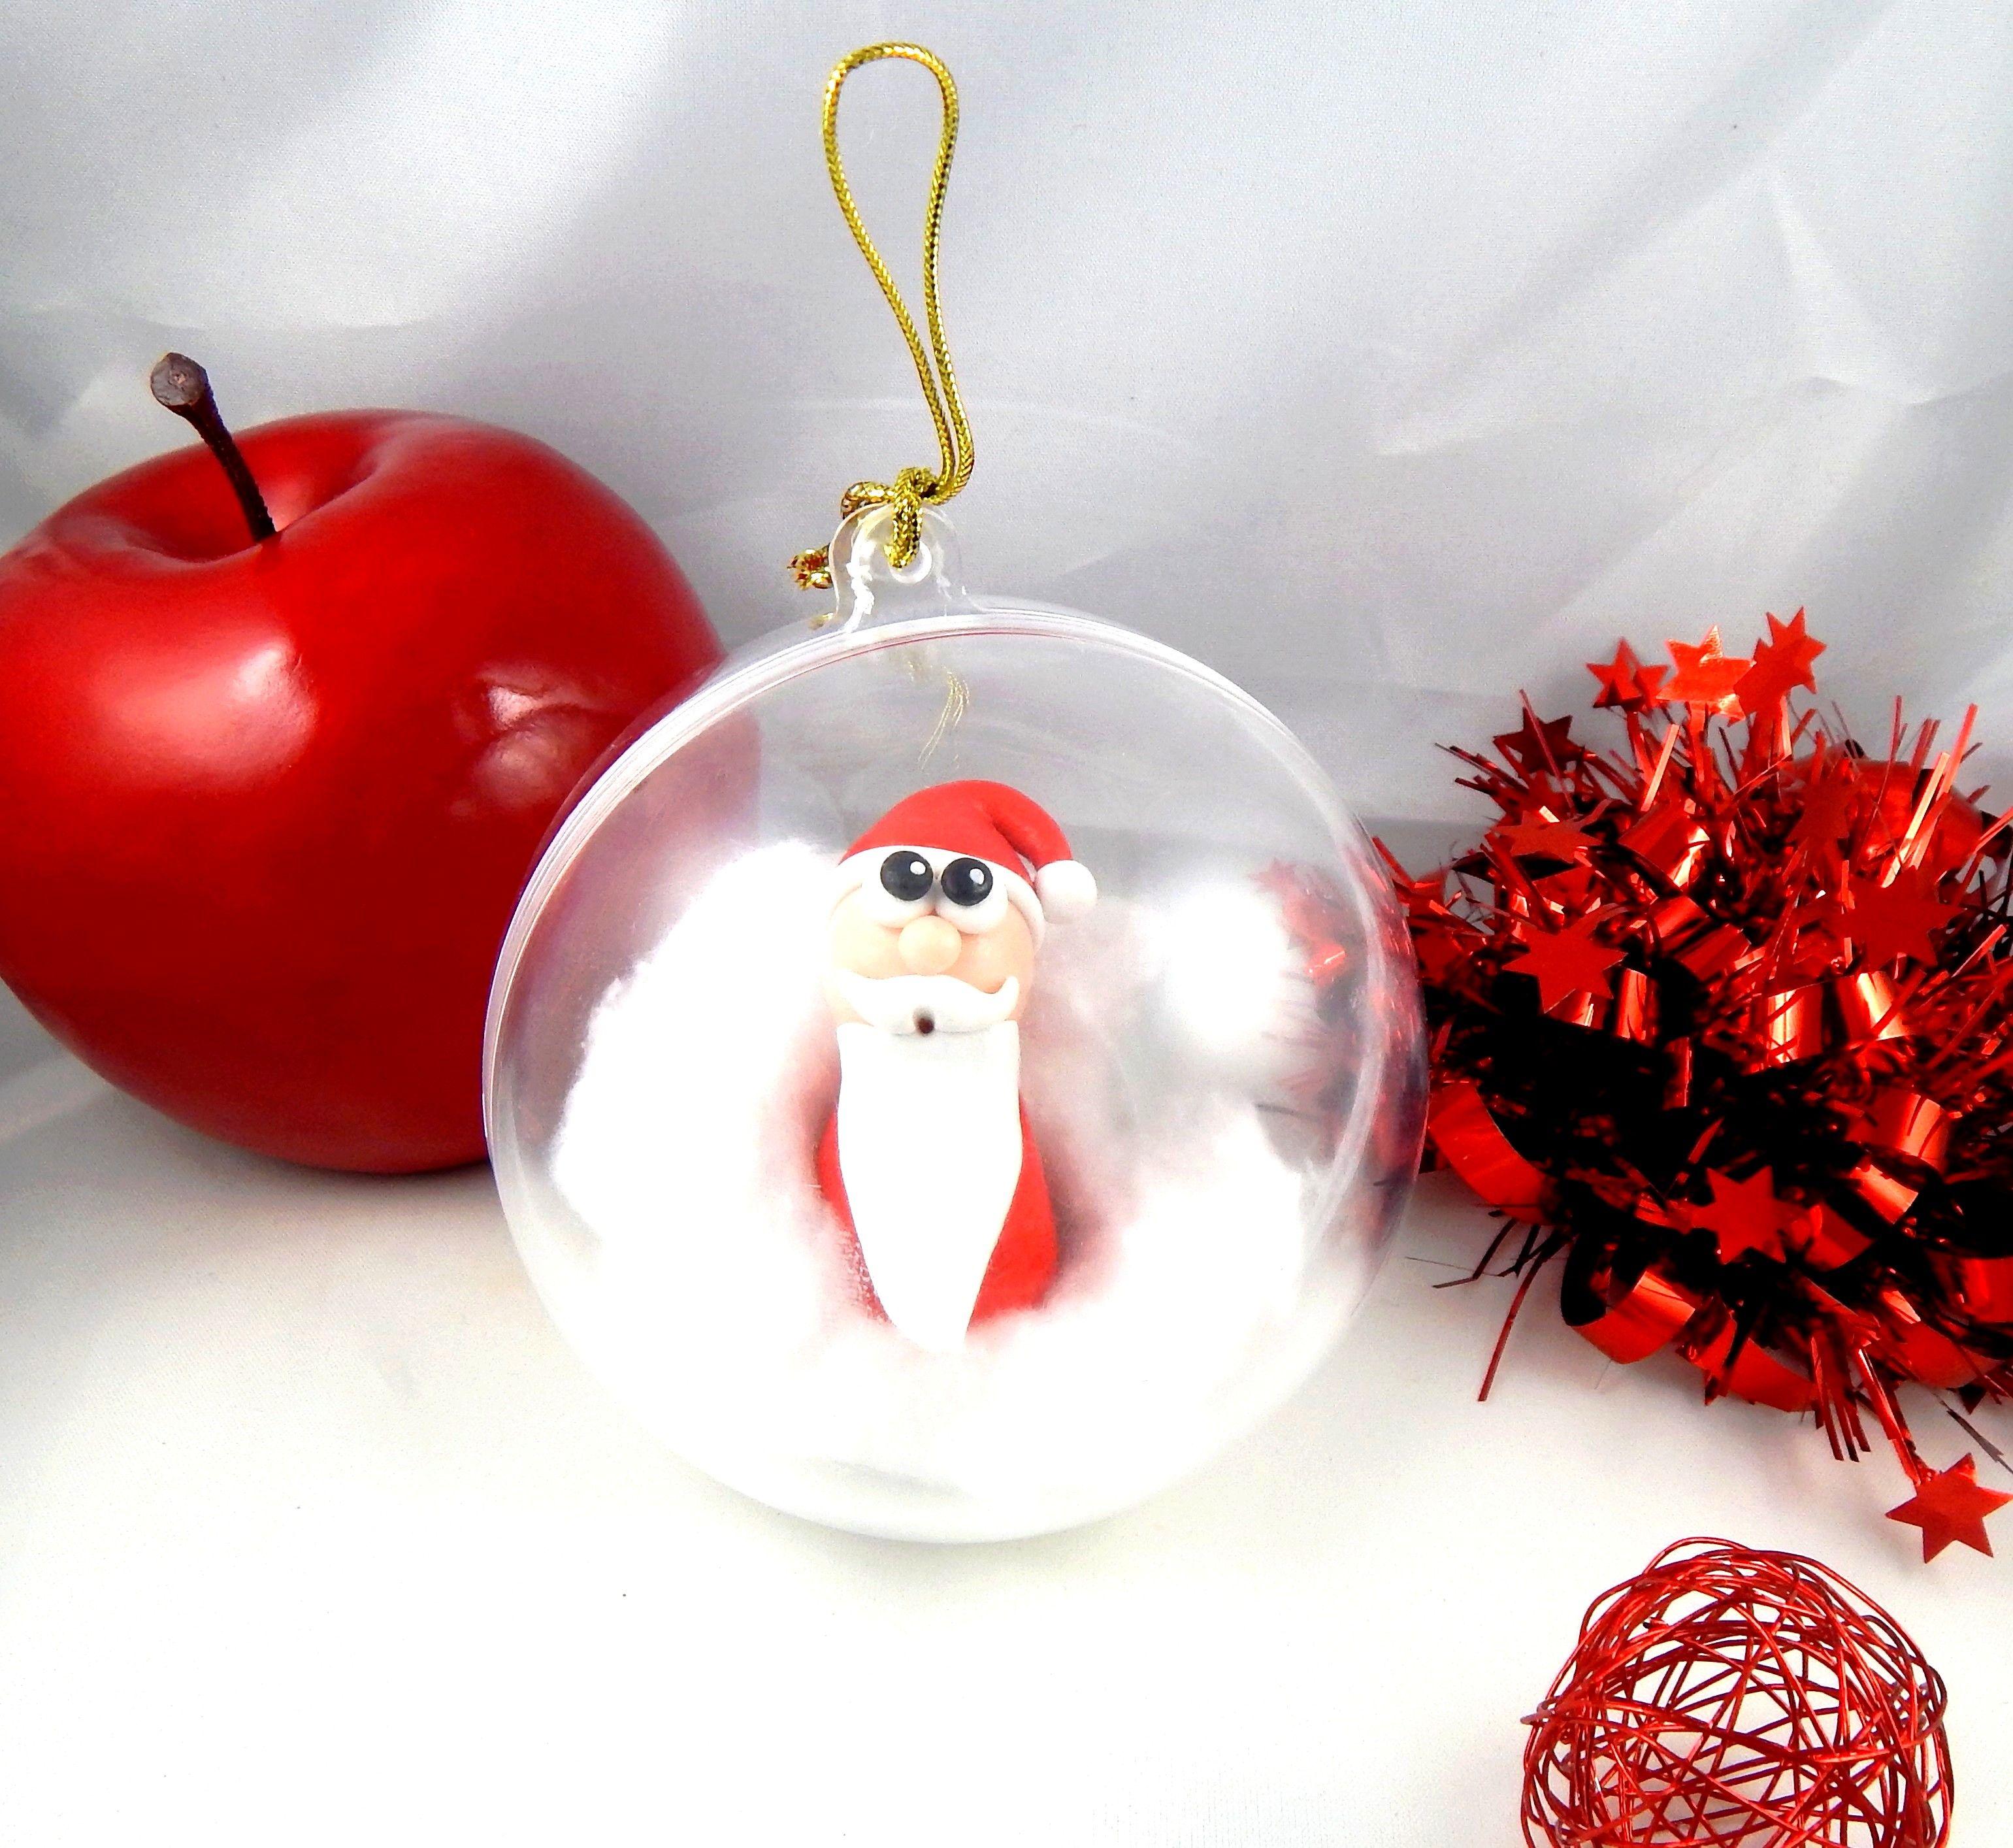 Boule De Noel Coton Boule de Noël transparente en plastique à suspendre dans le sapin